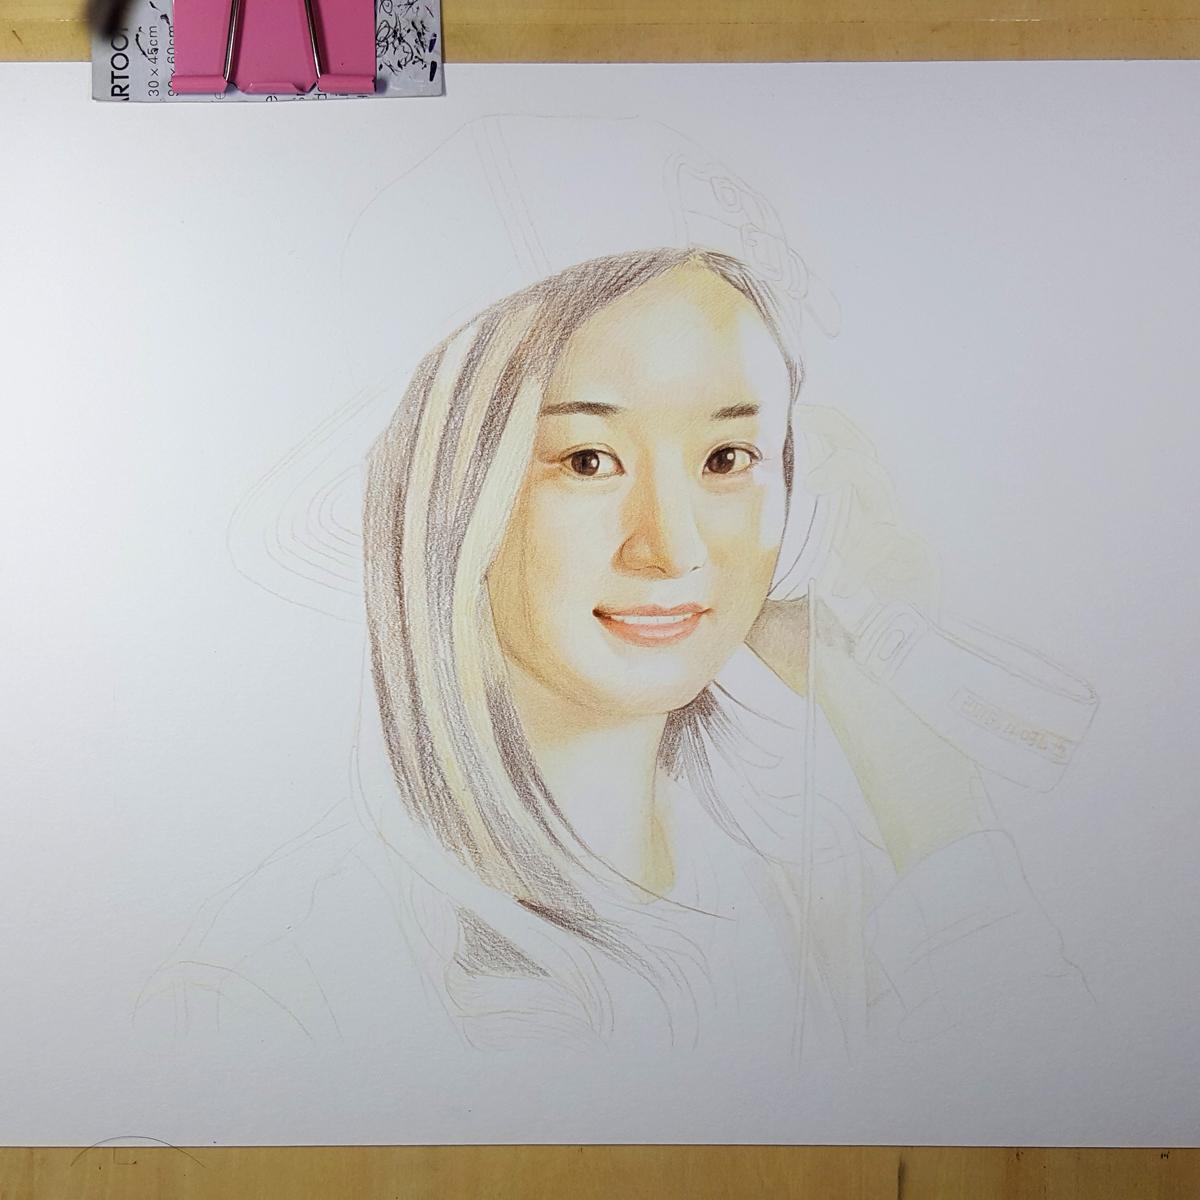 赵丽颖 彩色铅笔画 吼也手绘